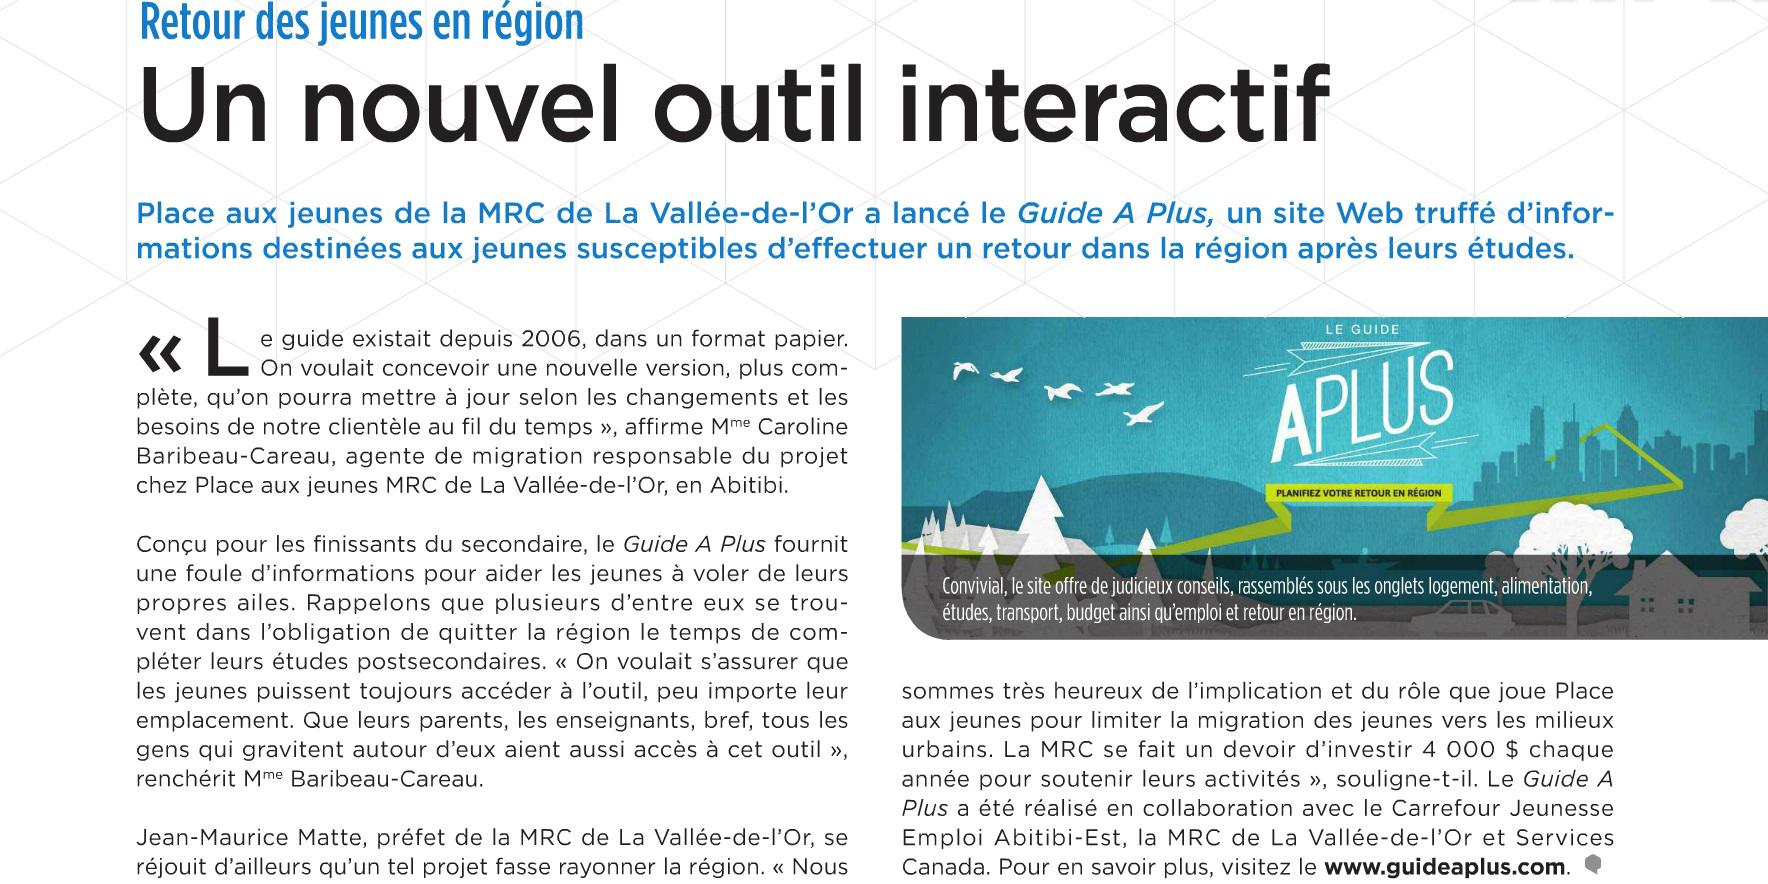 La MRCVO dans le magazine Quorum !